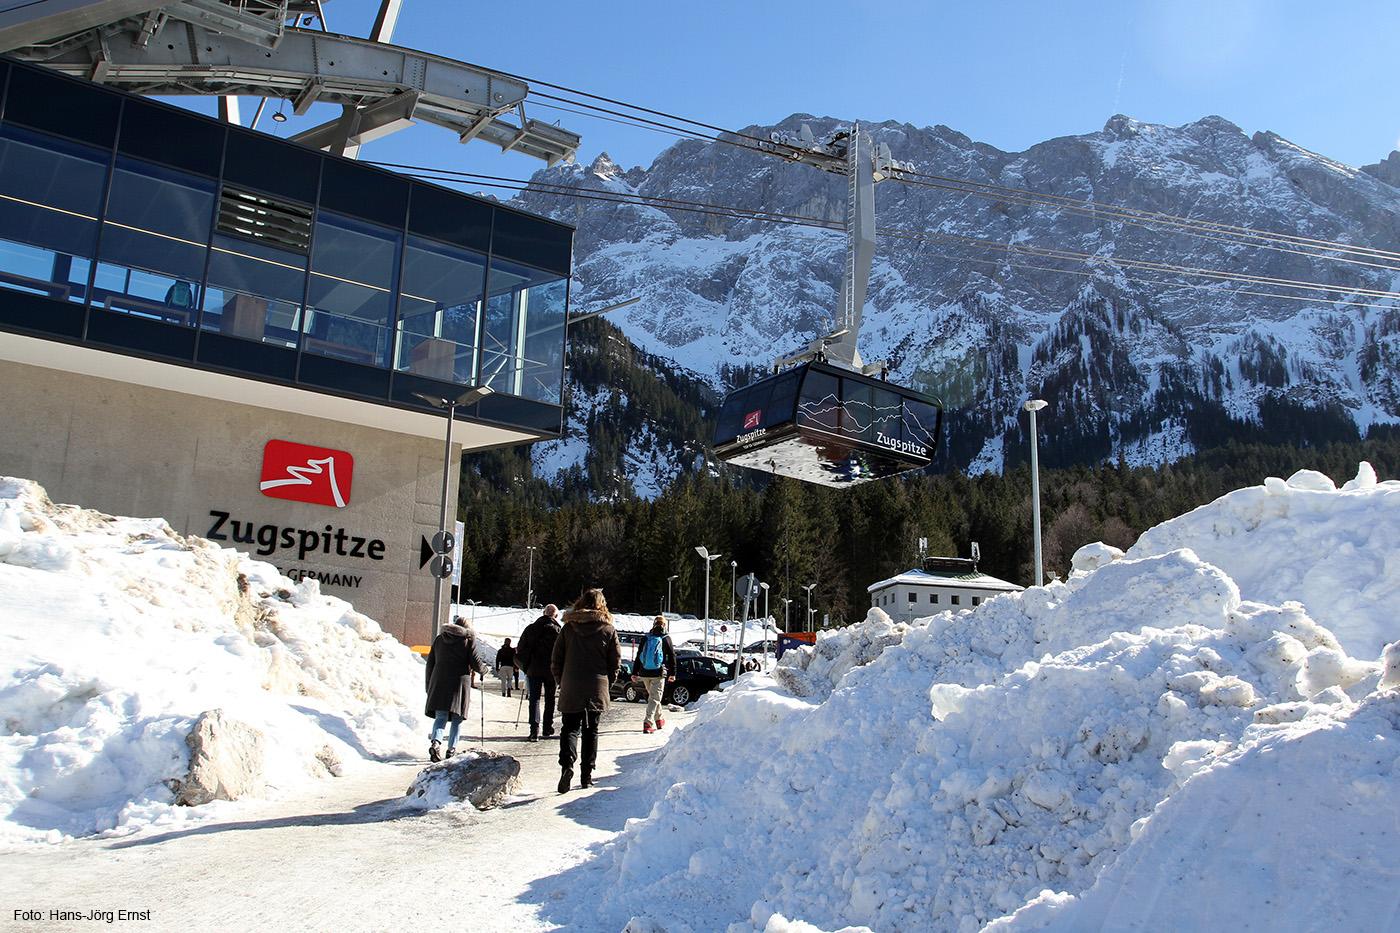 HIGHTECH MIT REKORDEN Die neue Seilbahn Zugspitze. Von der Station Grainau/Eibsee aus geht's auf den Gipfel.